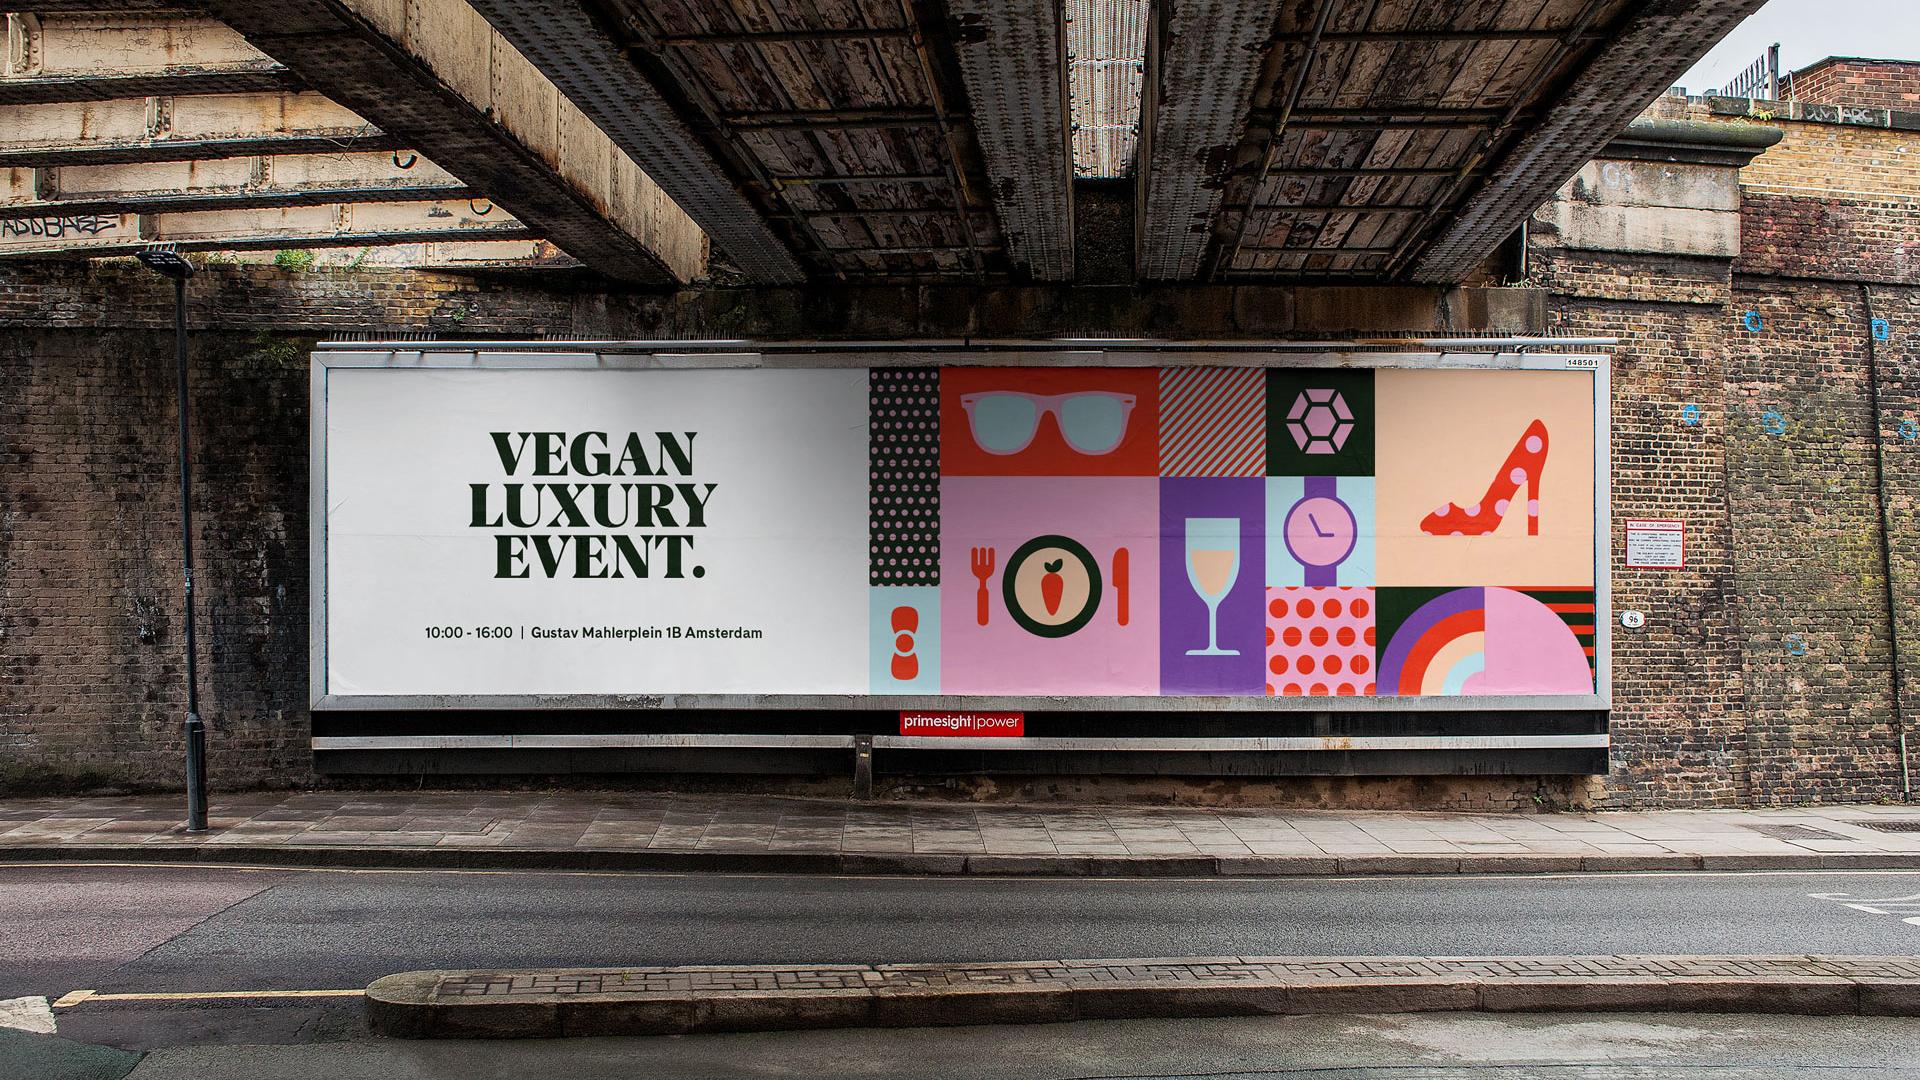 Vegan_Luxury_Event_Billboard